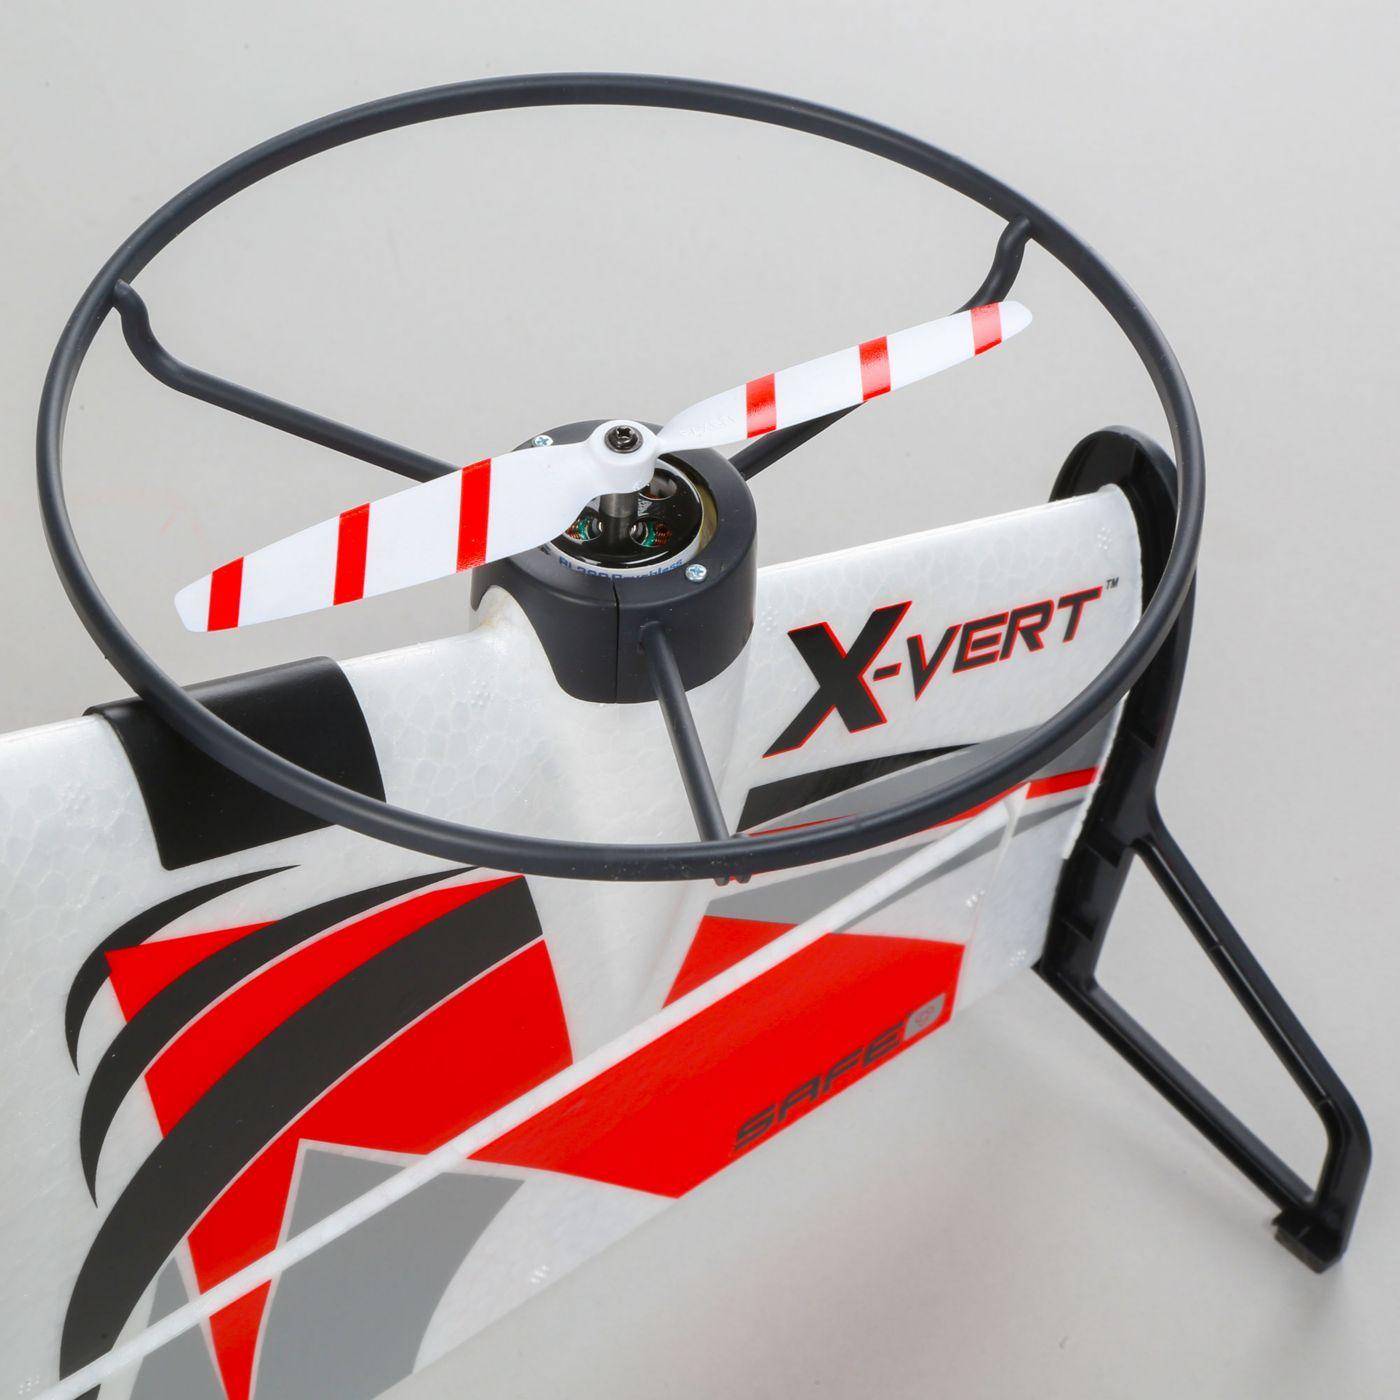 E flite X-Vert VTOL AS3X SAFE BNF 07